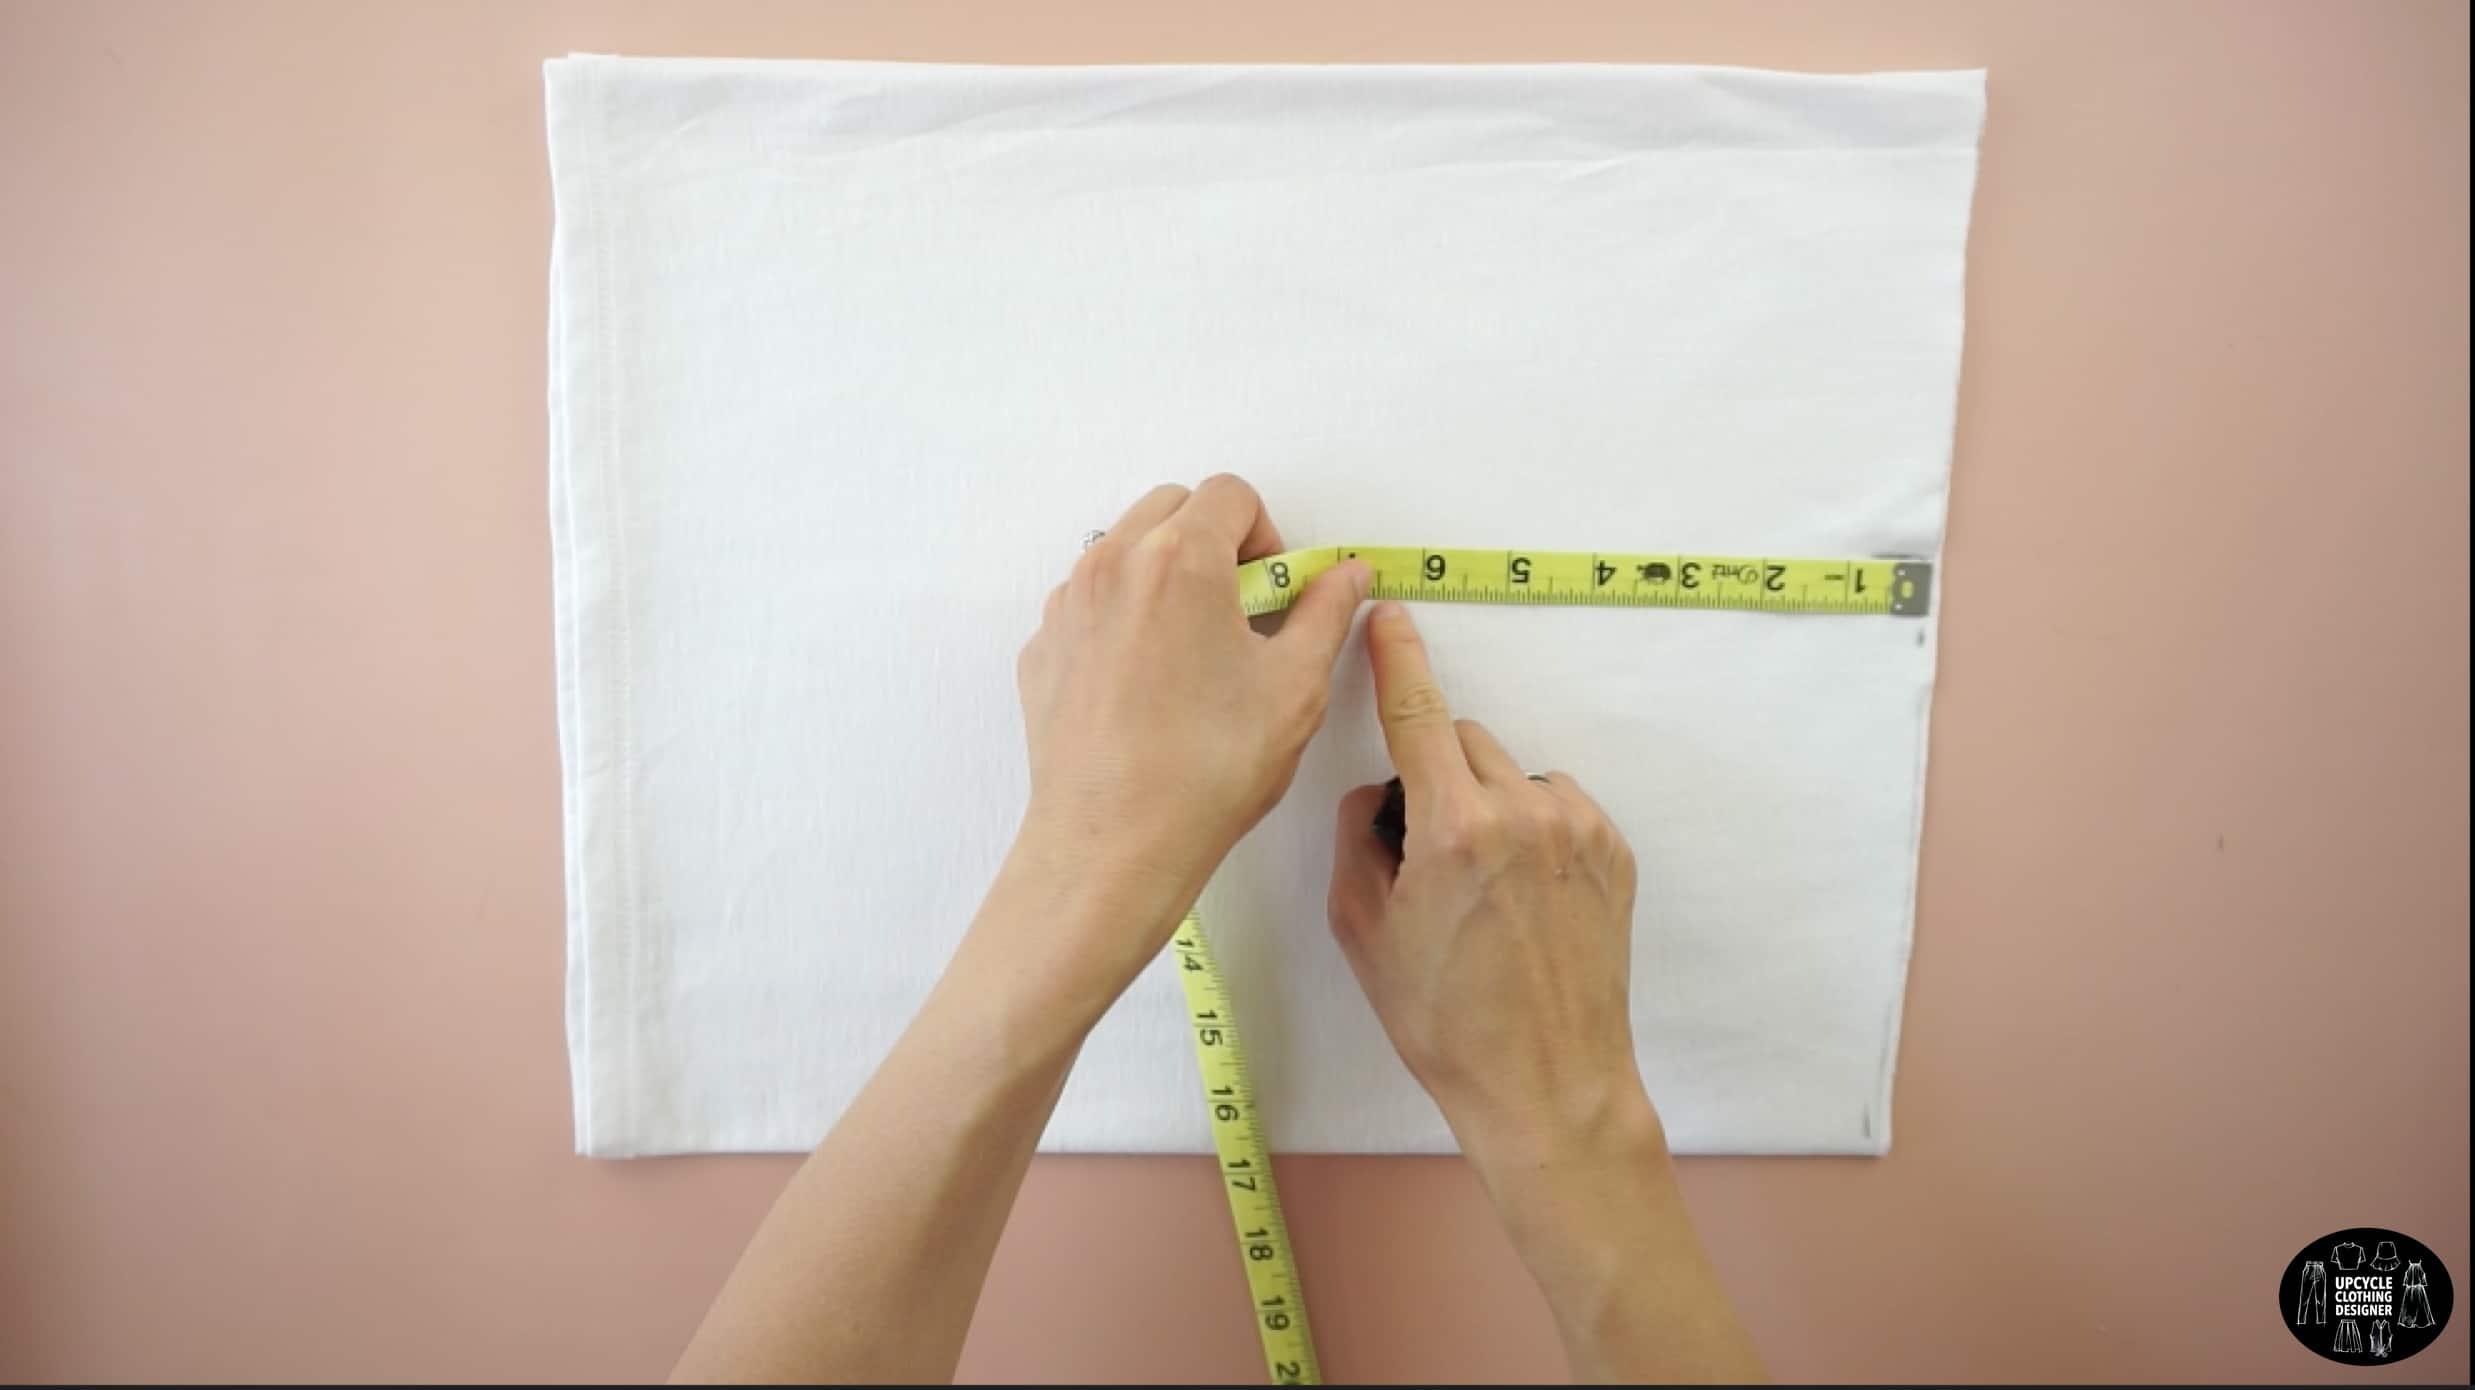 Measure the waistline for the mini skirt